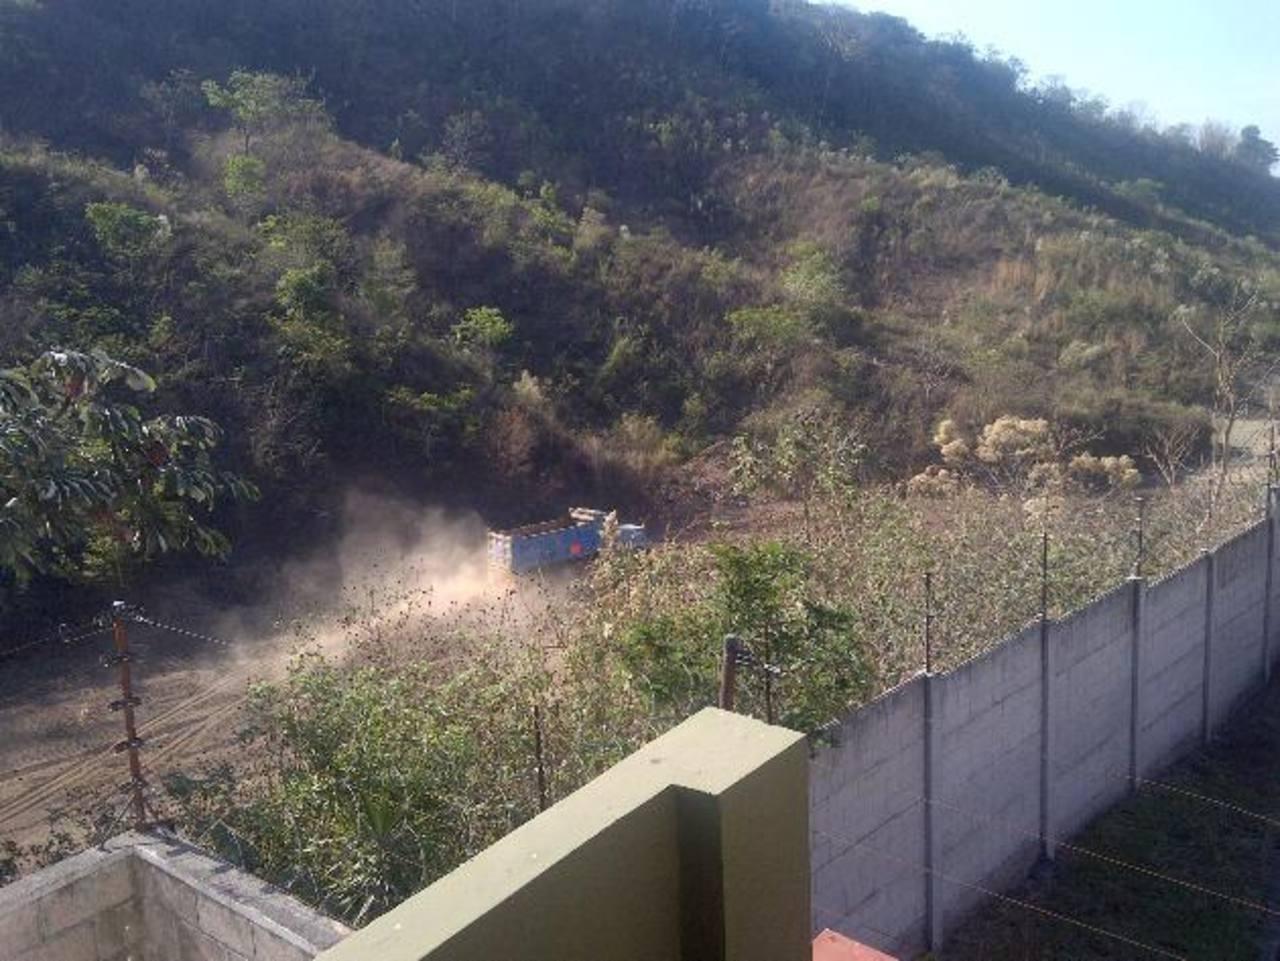 Los vecinos quieren evitar que un deslave cause daños a sus casas. Fotos EDH / CORTESÍA